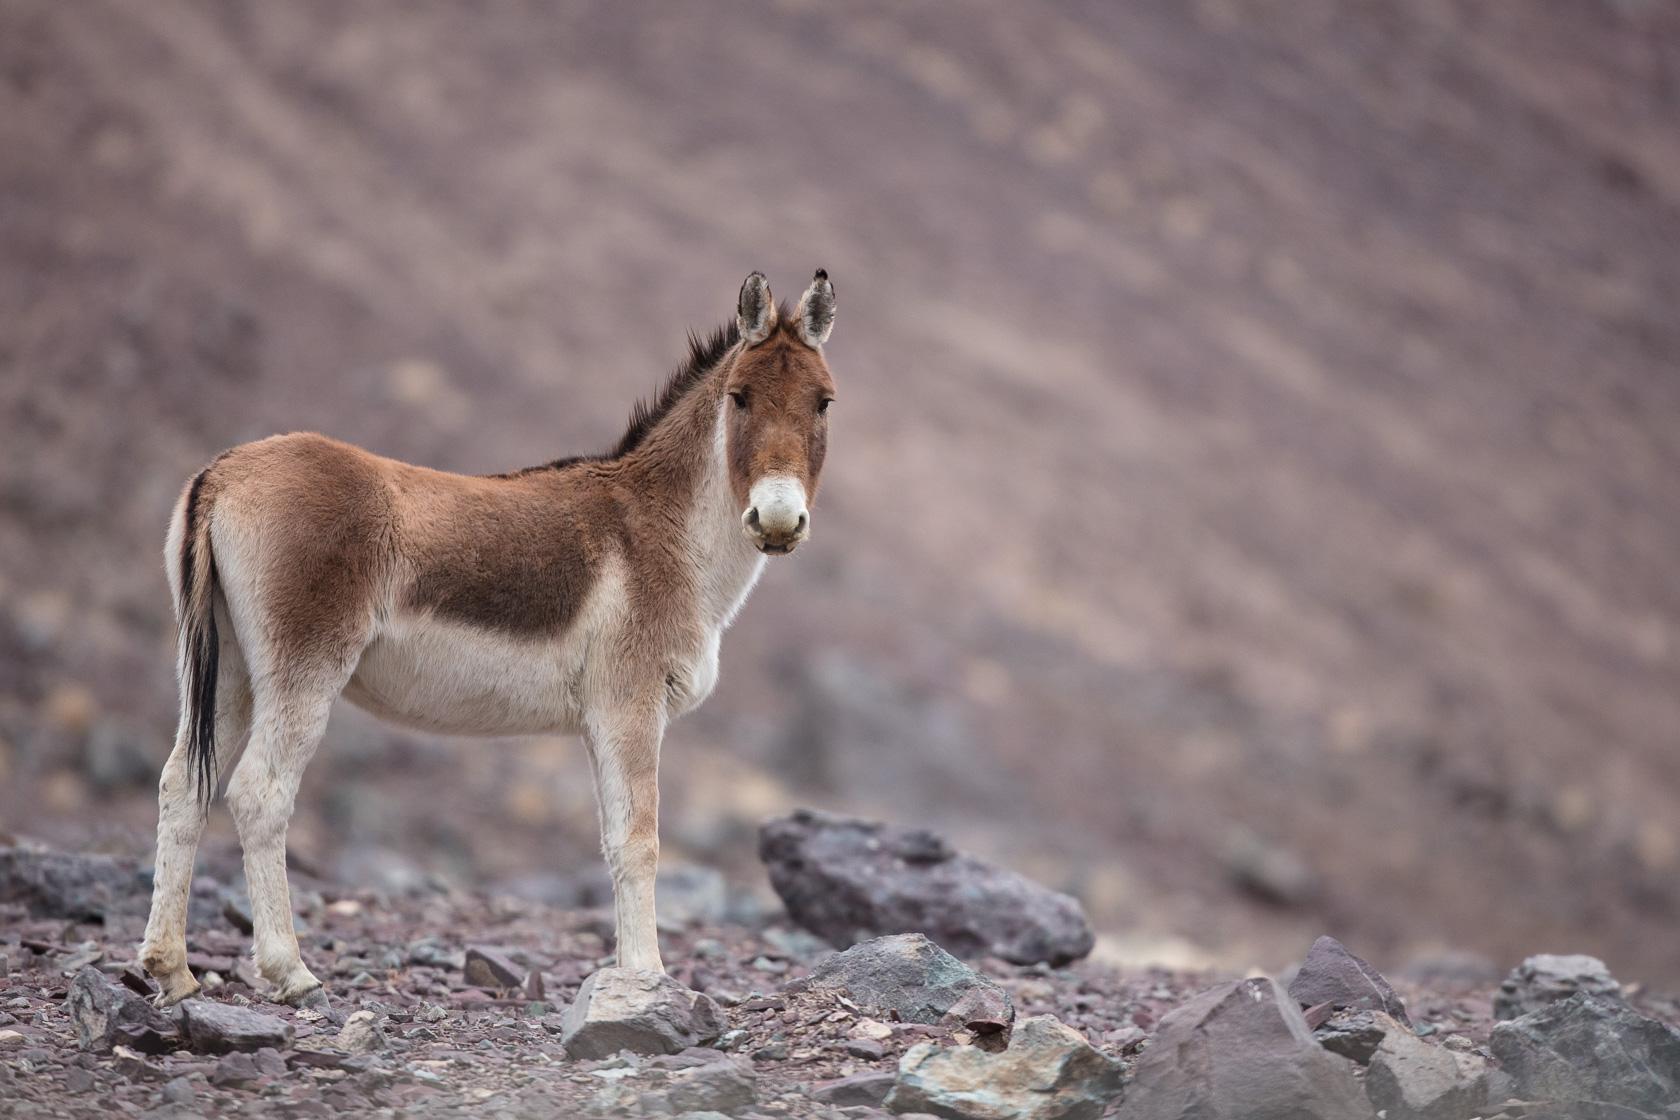 Kiang femelle (Equus kiang) dans la haute vallée de l'indus, au Ladakh